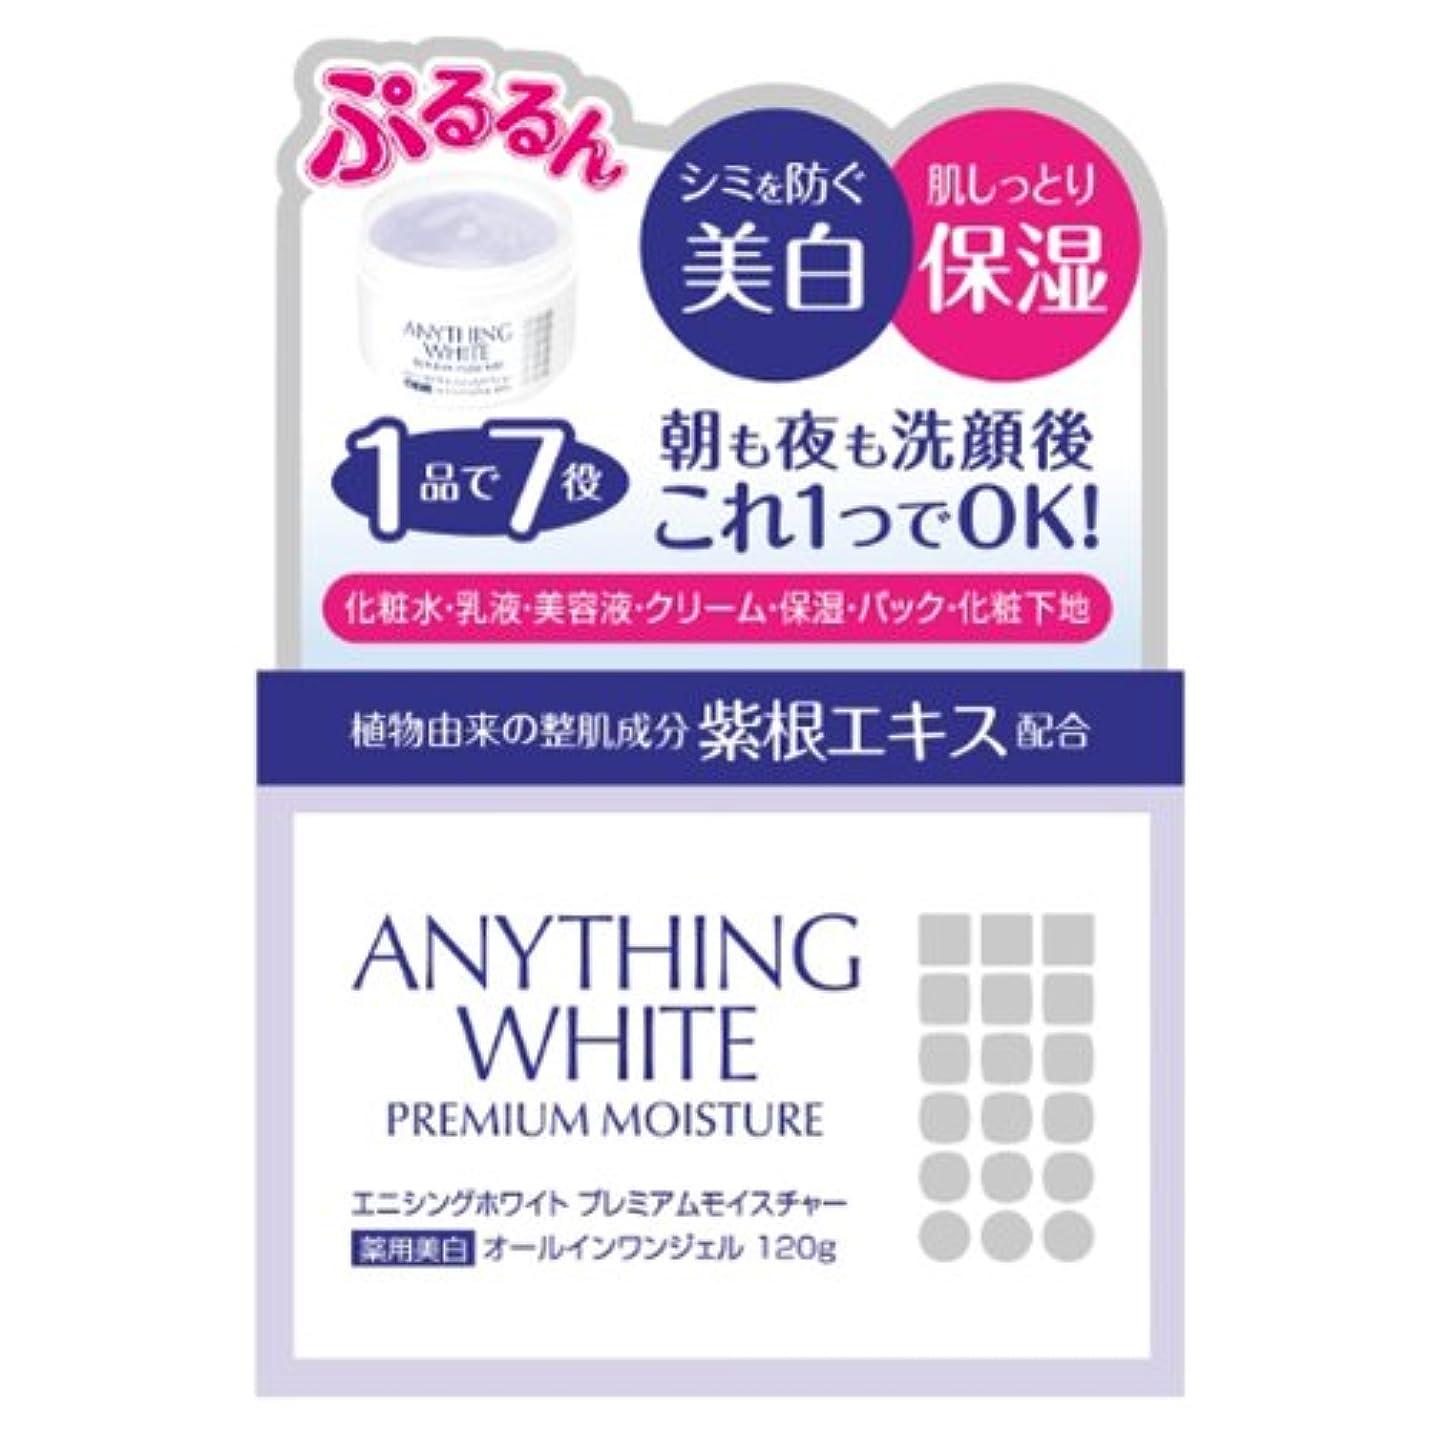 対称使い込む困惑するエニシングホワイト プレミアムモイスチャー 120g